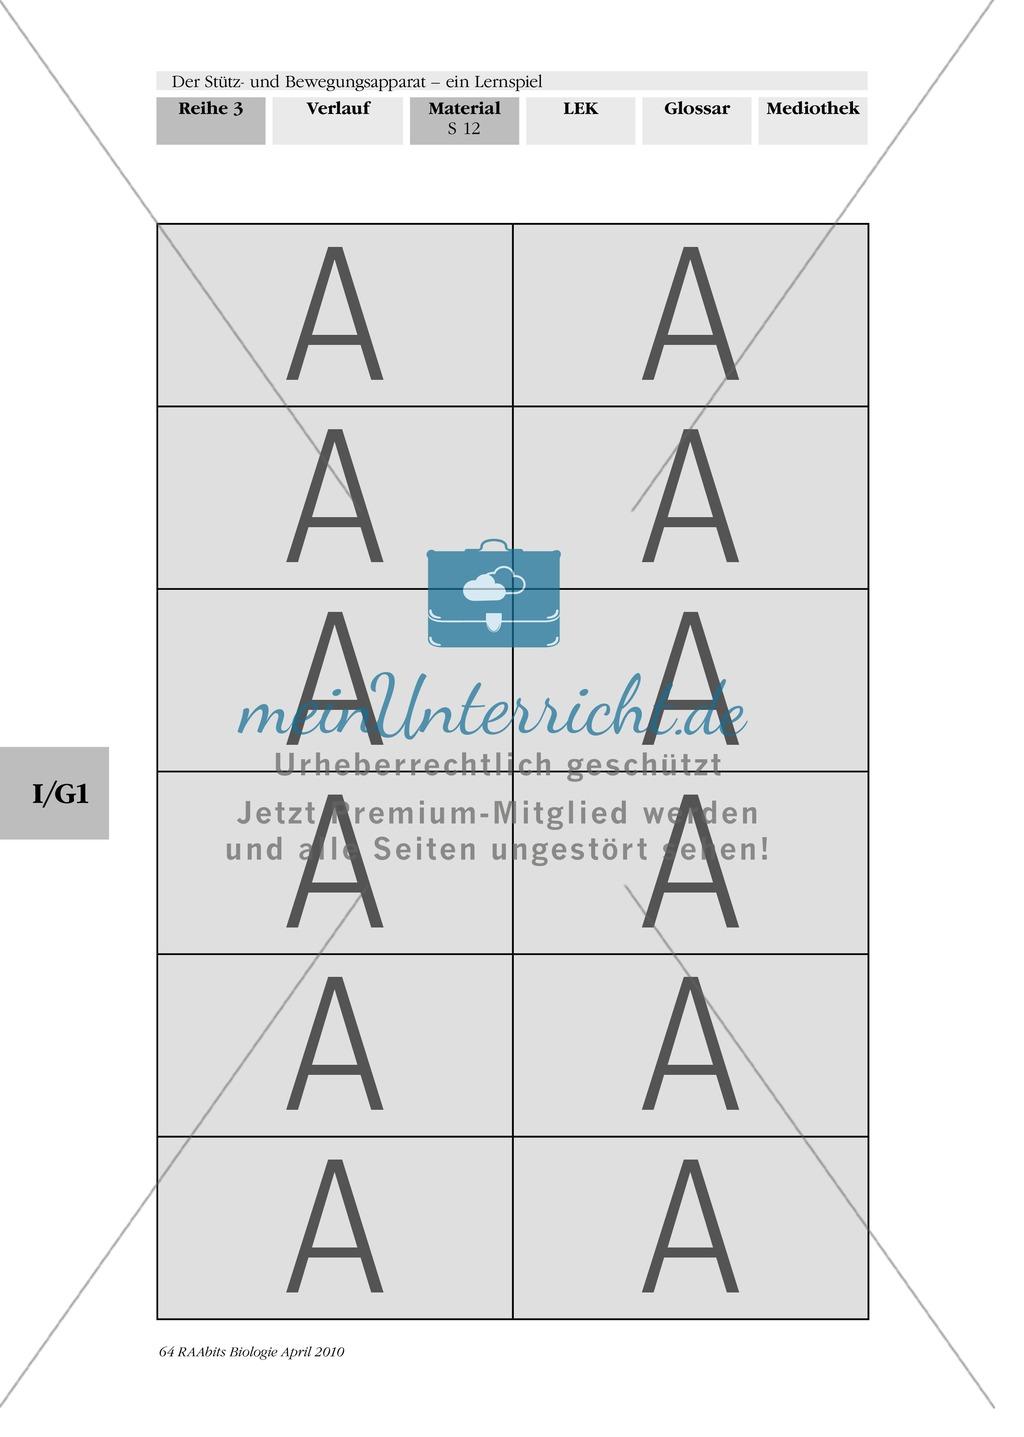 Lernspiel zum Stütz- und Bewegungsapparat: Spielanleitung, Spielfeld, Skelett-Puzzleteile, Fragen, Spielkarten, Röntgenbilder Kontrollbogen, Lösungsbogen Preview 10